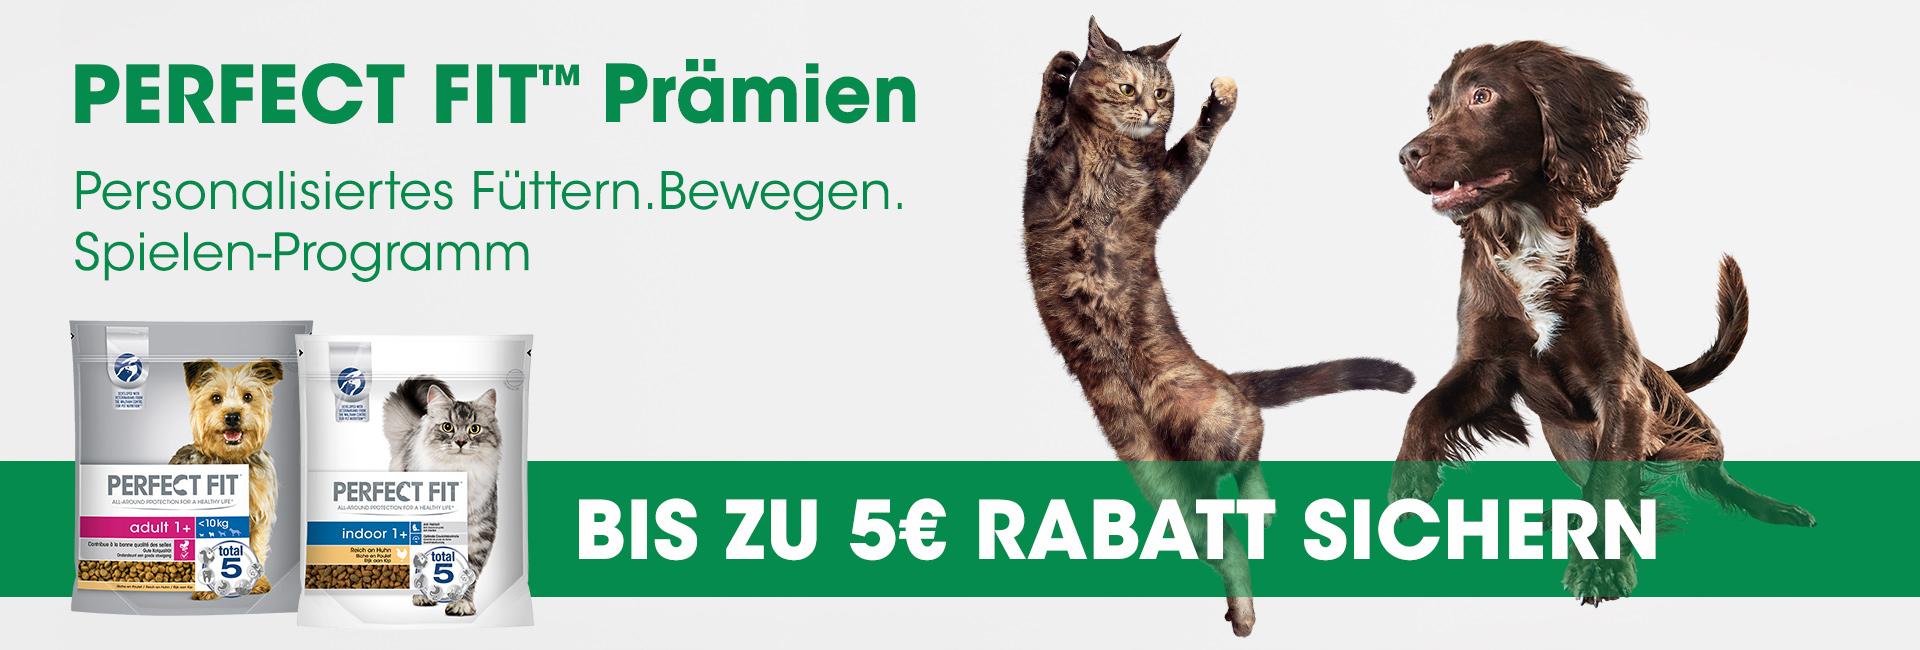 [GzG] 5€ Cashback auf Perfect Fit Hunde- und Katzenfutter   noch über 18.000 Teilnahmen möglich